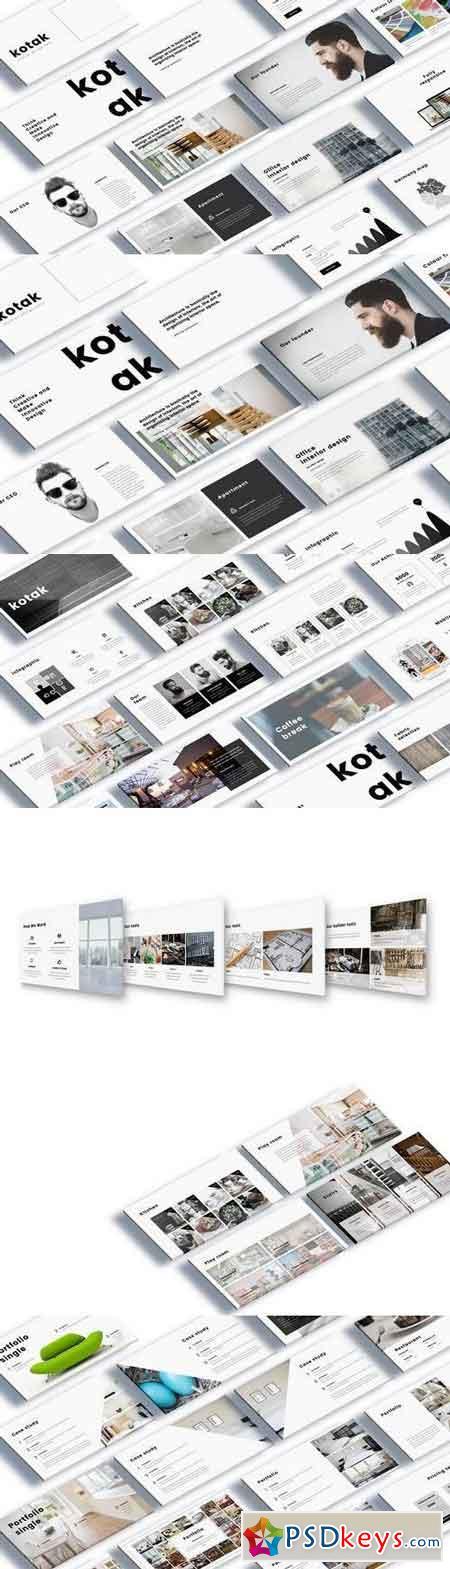 Kotak interior design powerpoint template free download photoshop kotak interior design powerpoint template toneelgroepblik Gallery